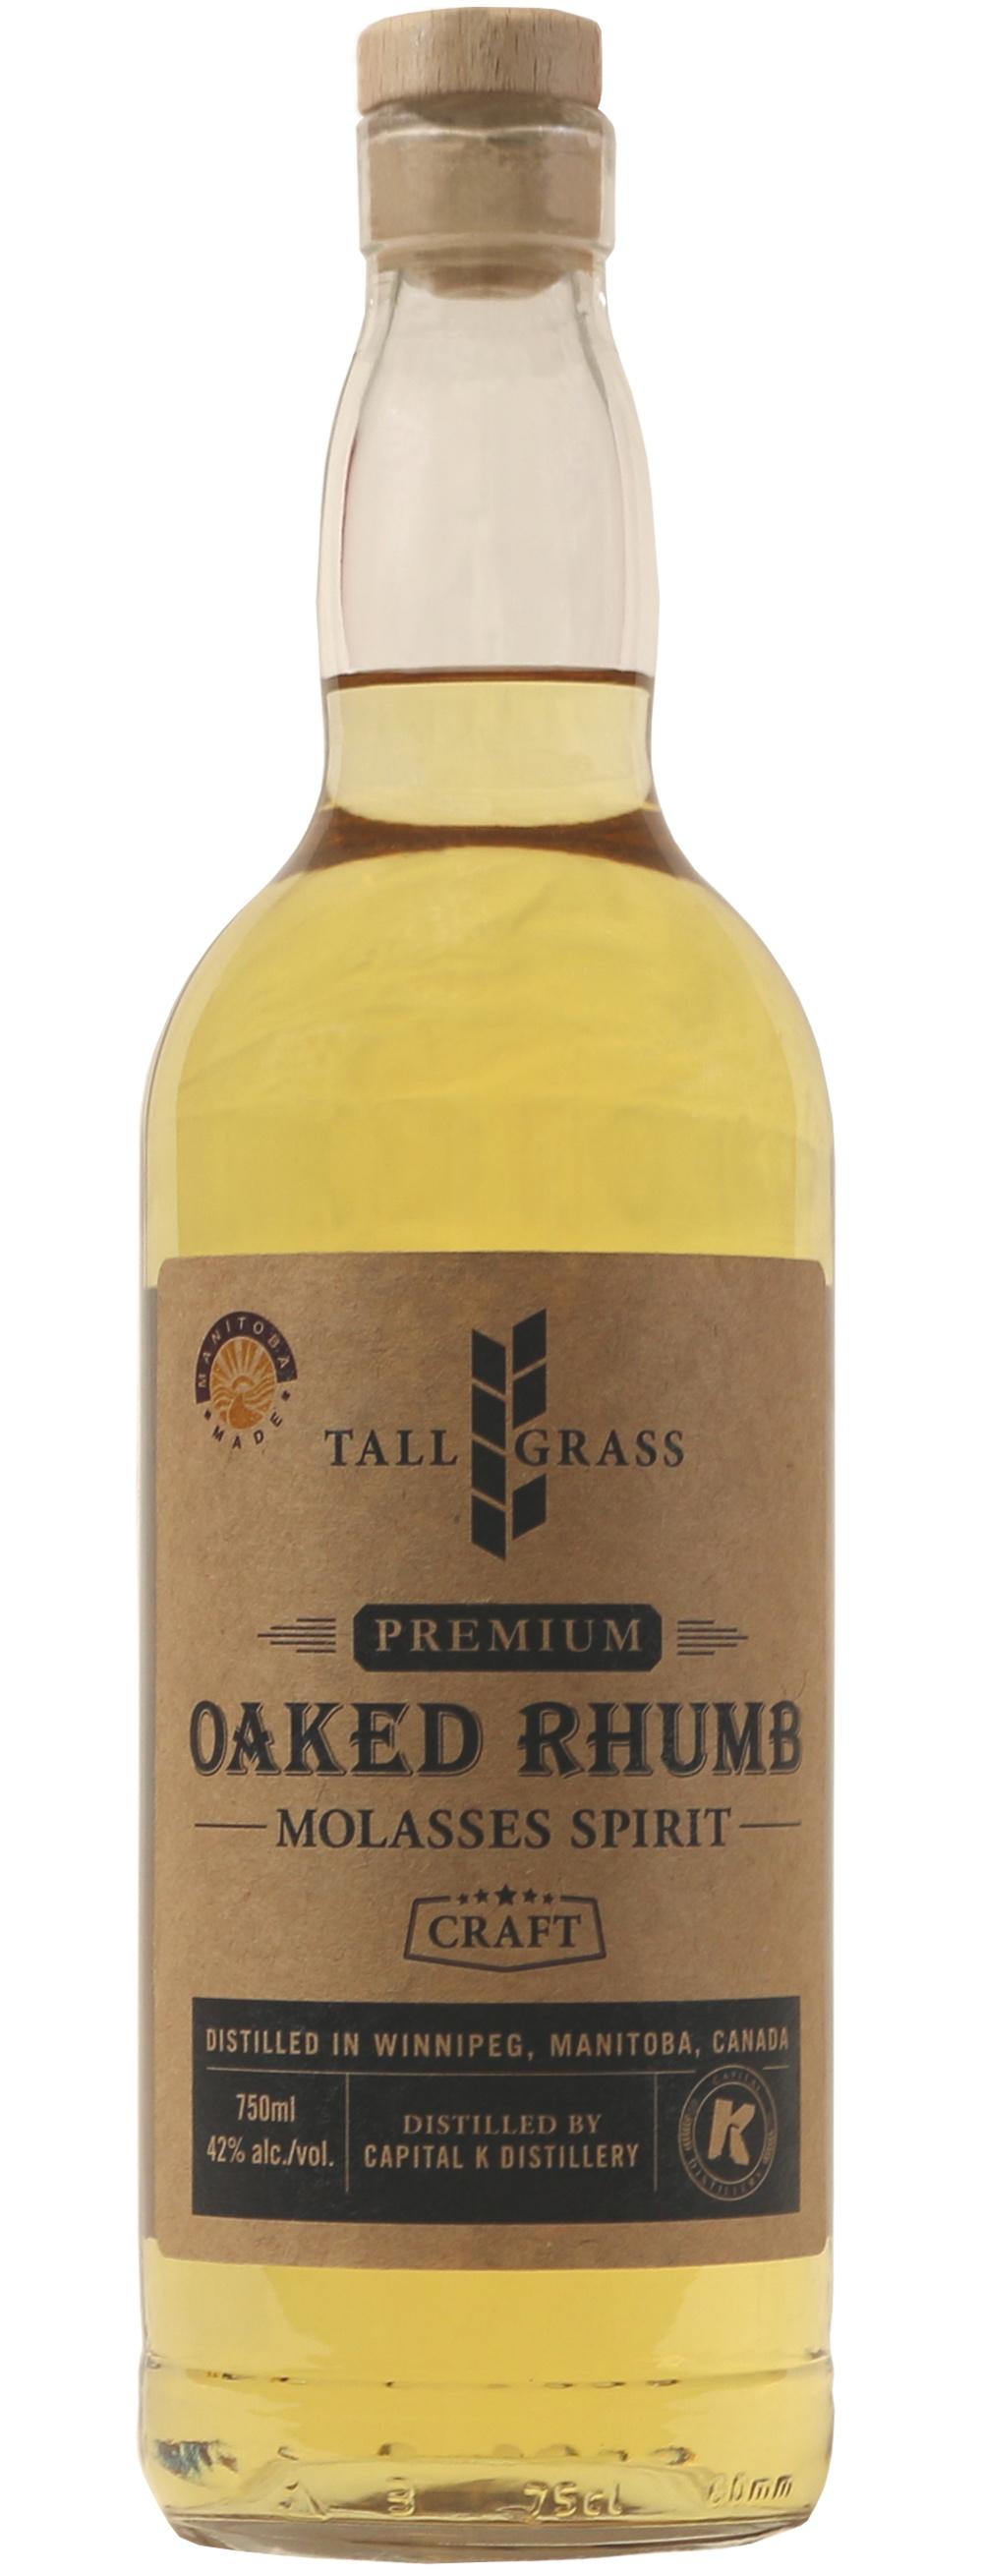 Tall+Grass+Oaked+Rhumb.jpg